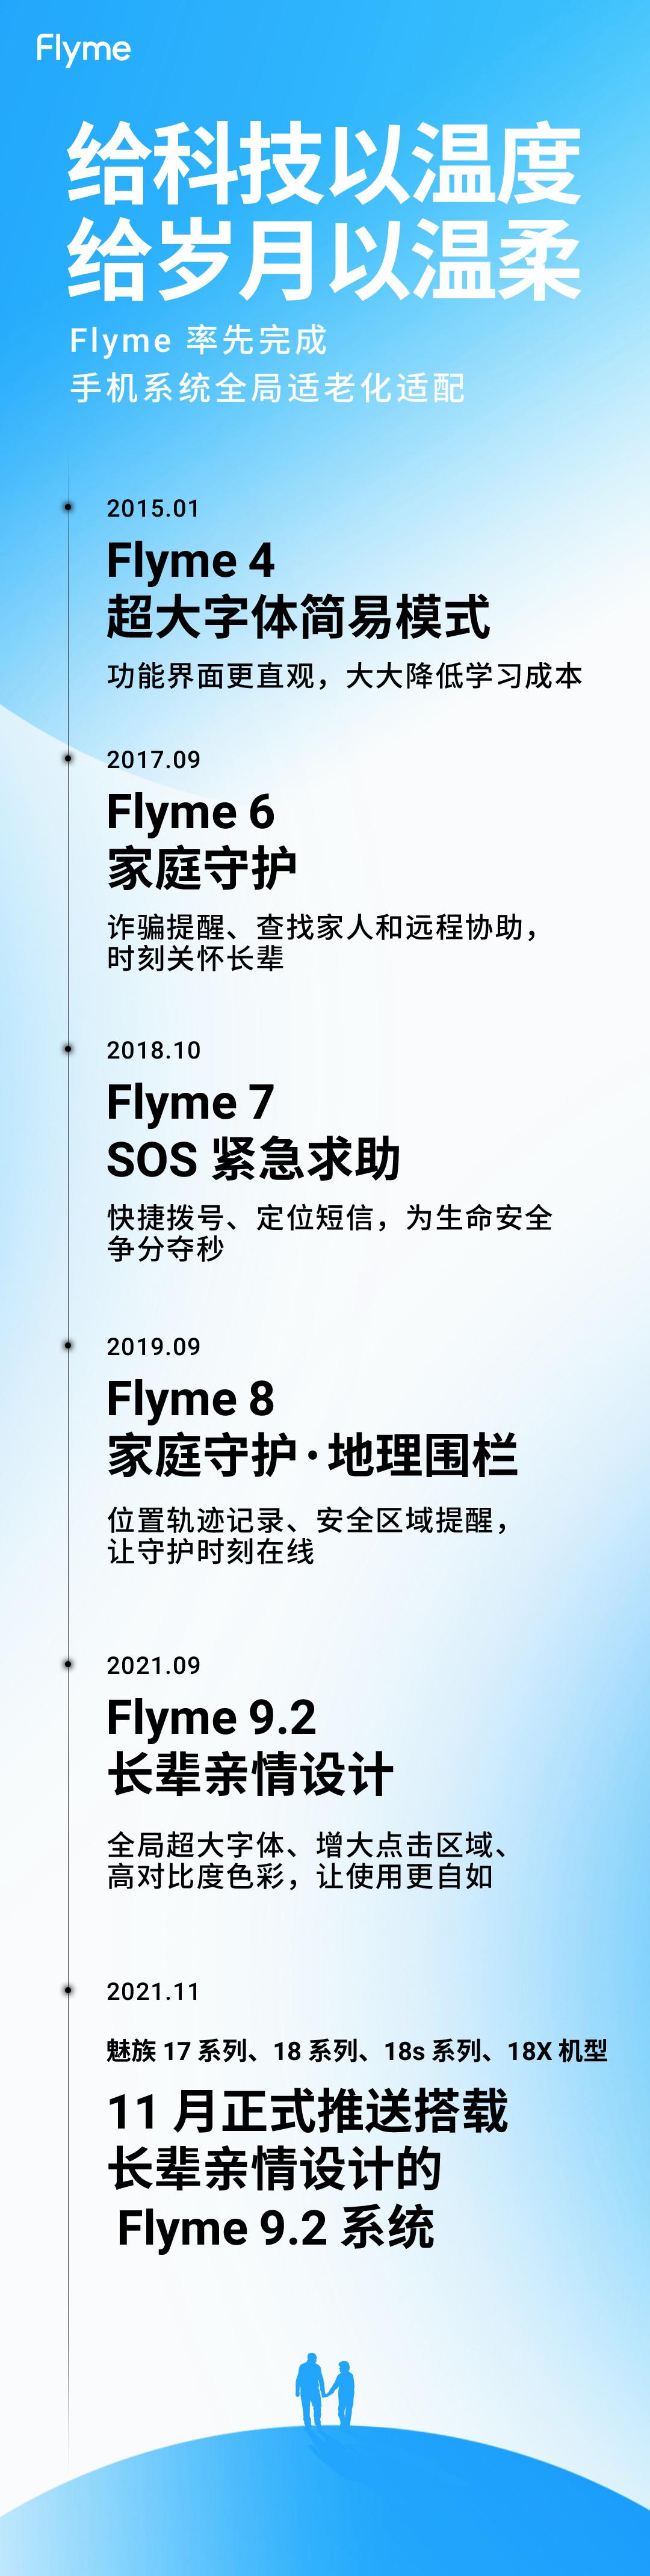 魅族 17、18 、18s 系列和 18X 将于 11 月推送 Flyme 9.2,搭载长辈亲情设计